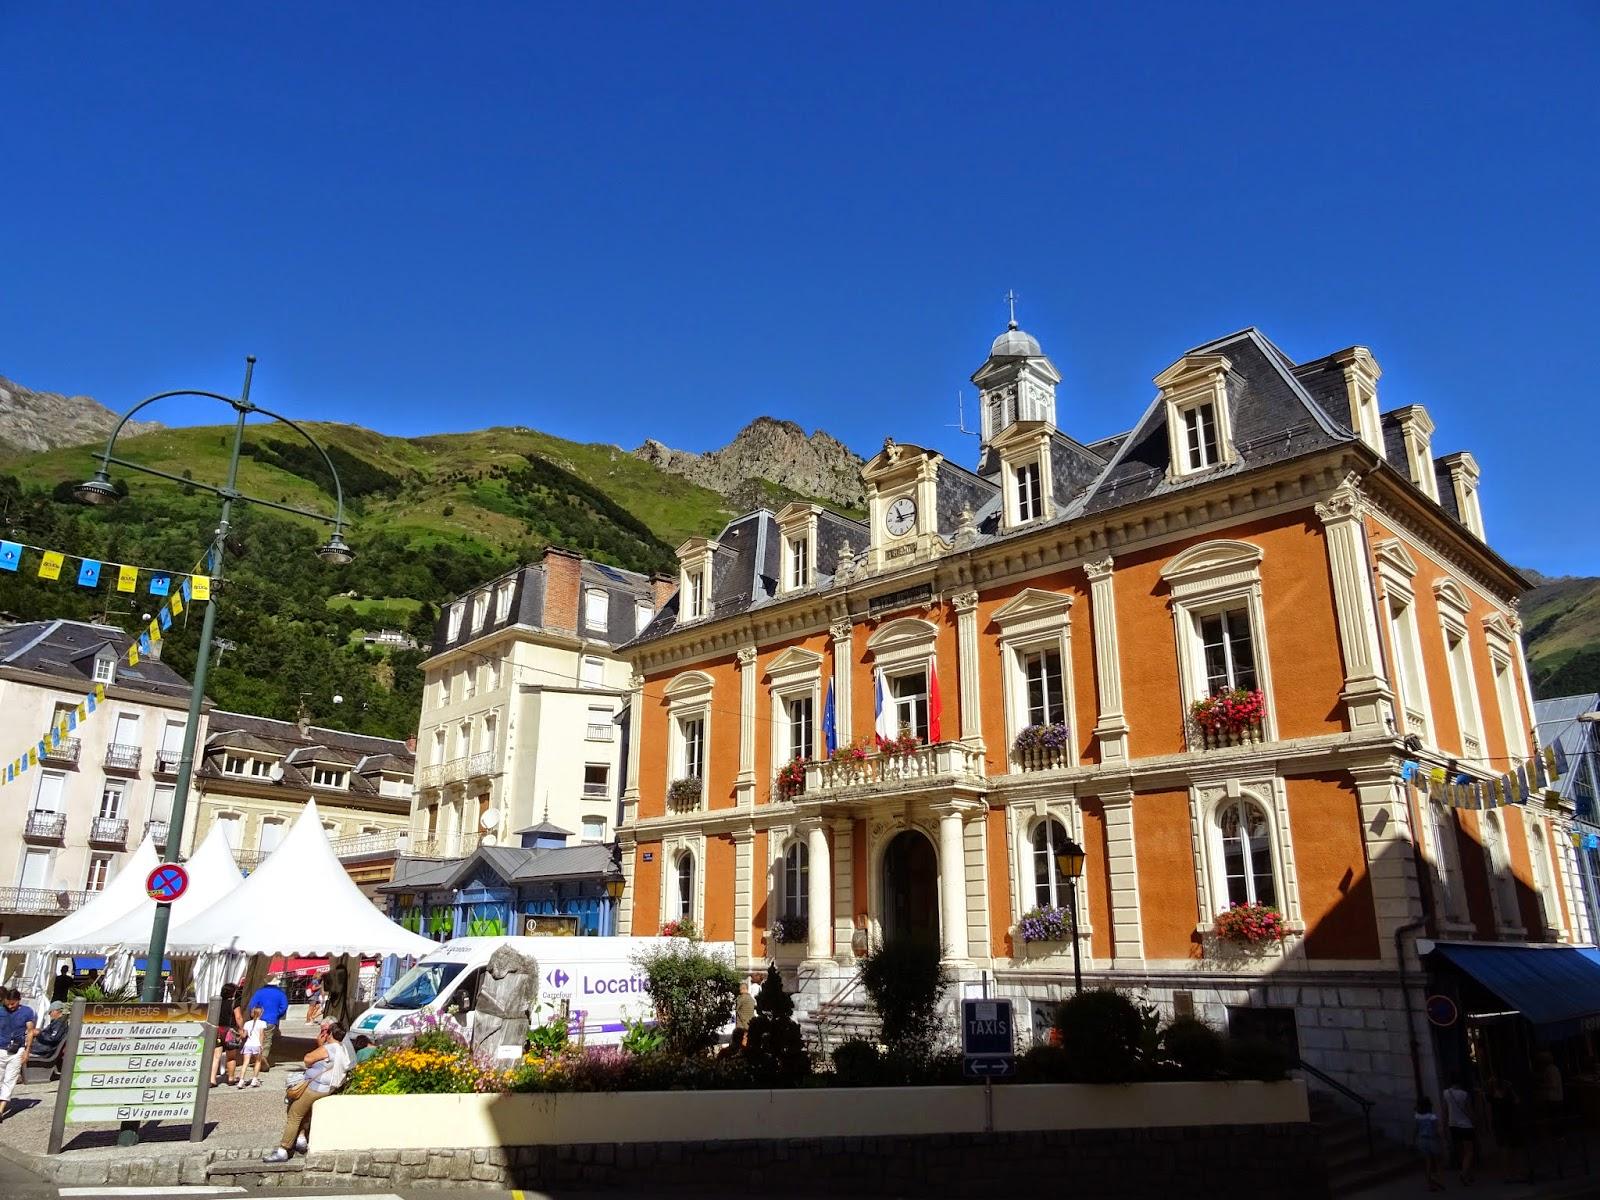 Hotel de ville de Cauterets